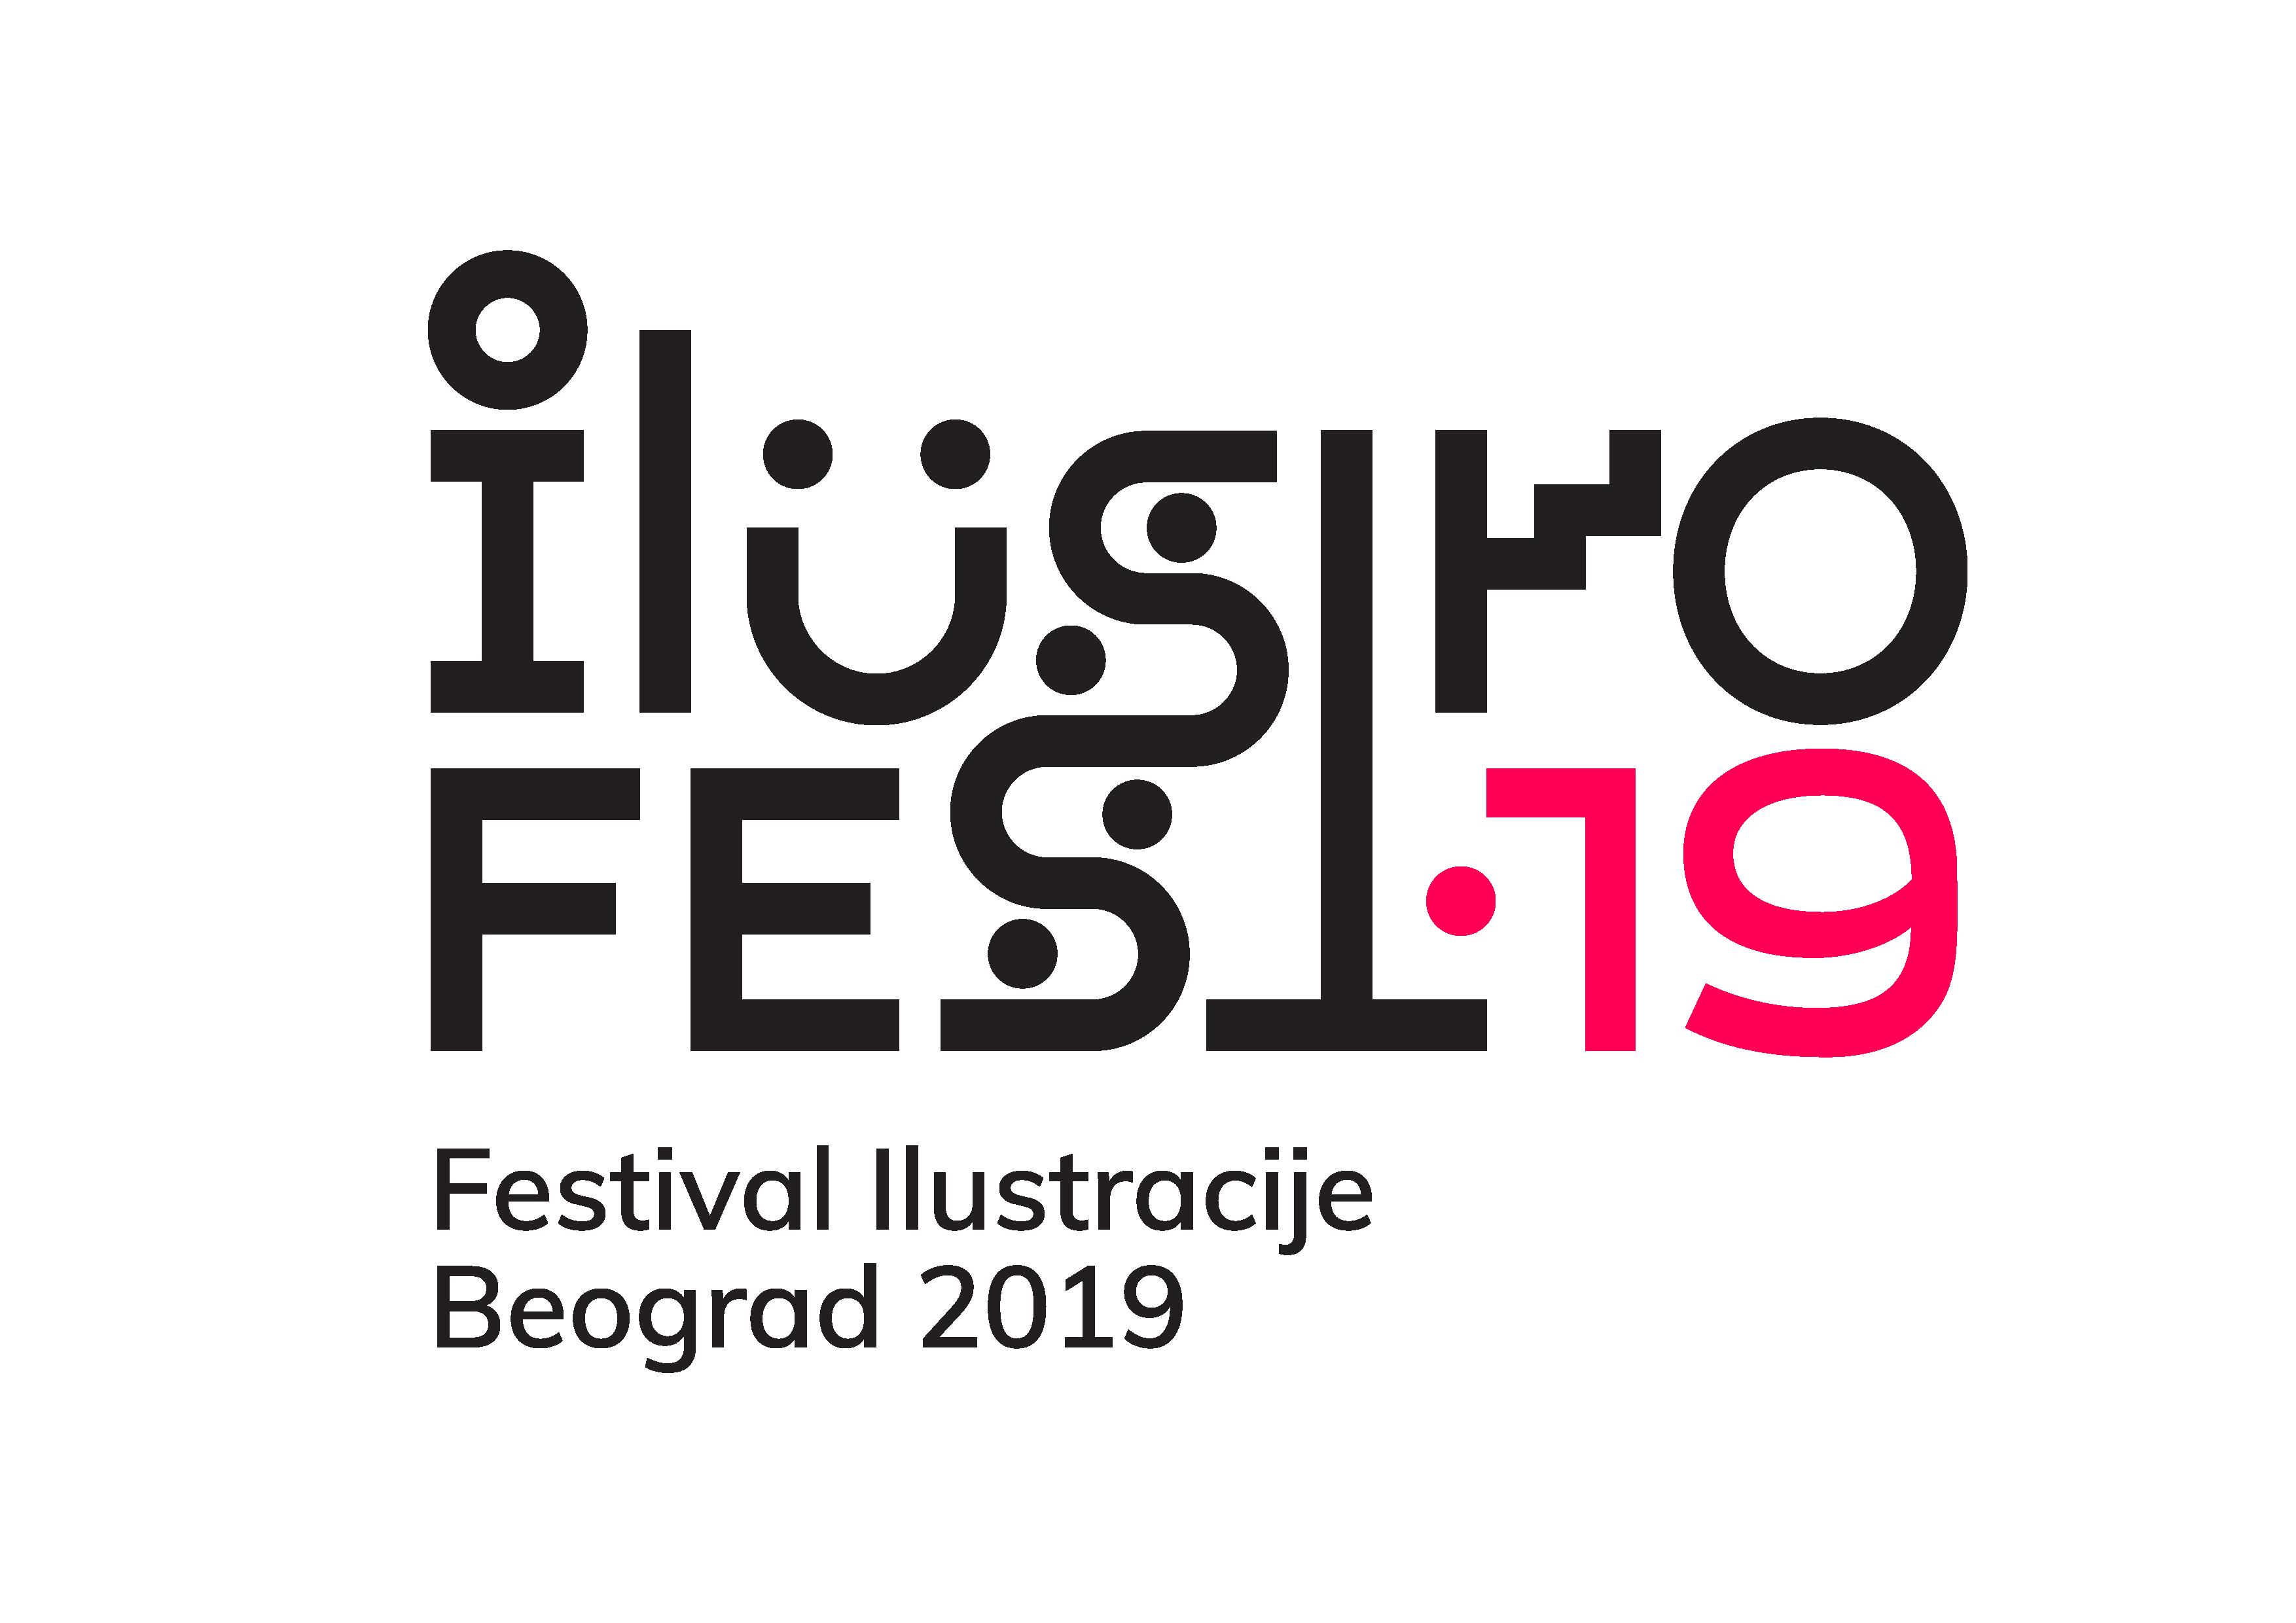 Ilustro Festival